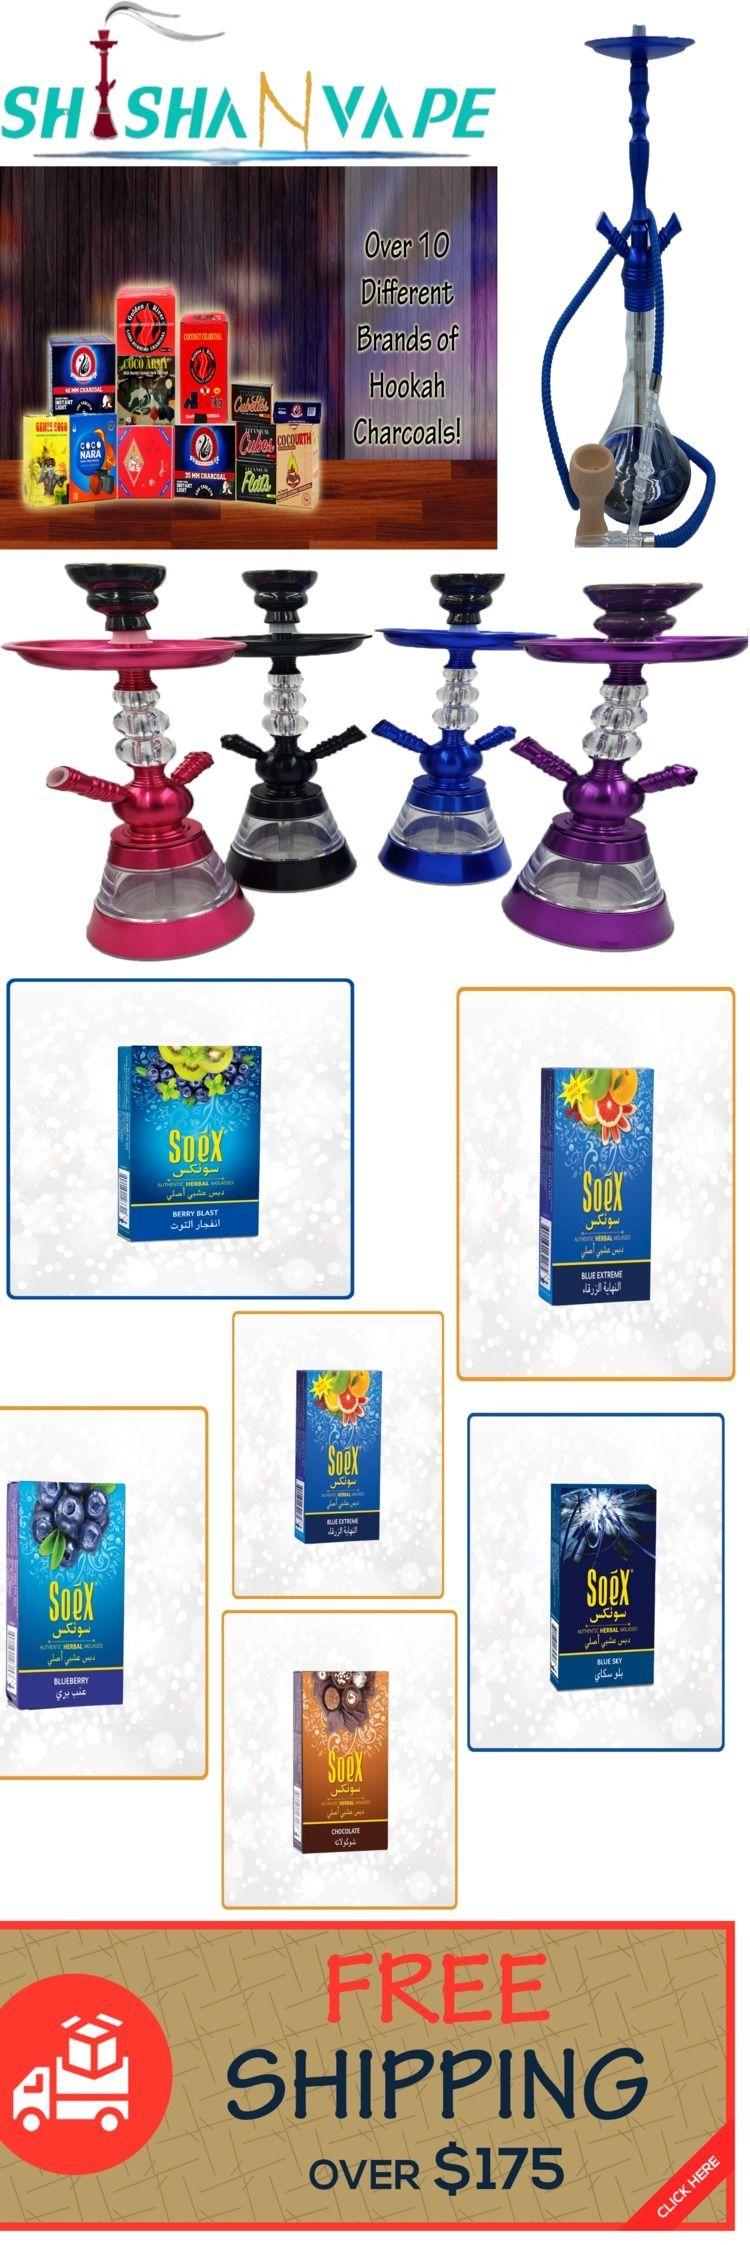 Hookah Flavors Canada Shishan V - shishanvape | ello